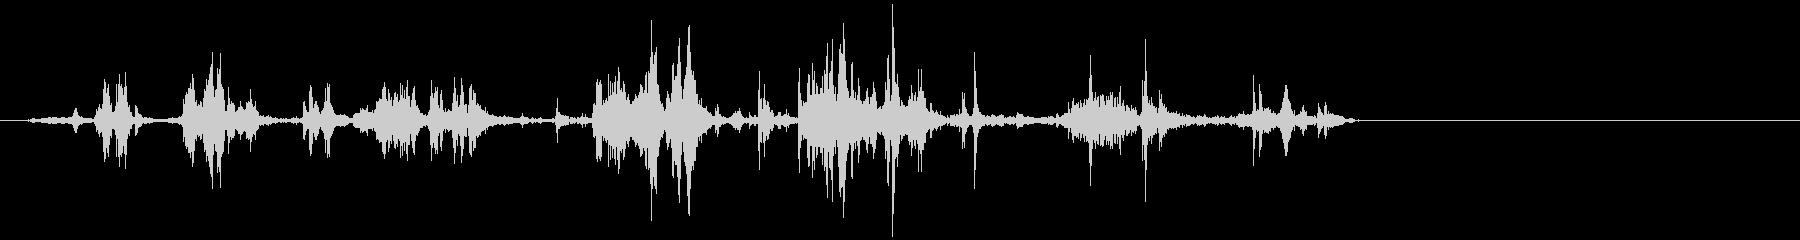 引きずる音 2の未再生の波形